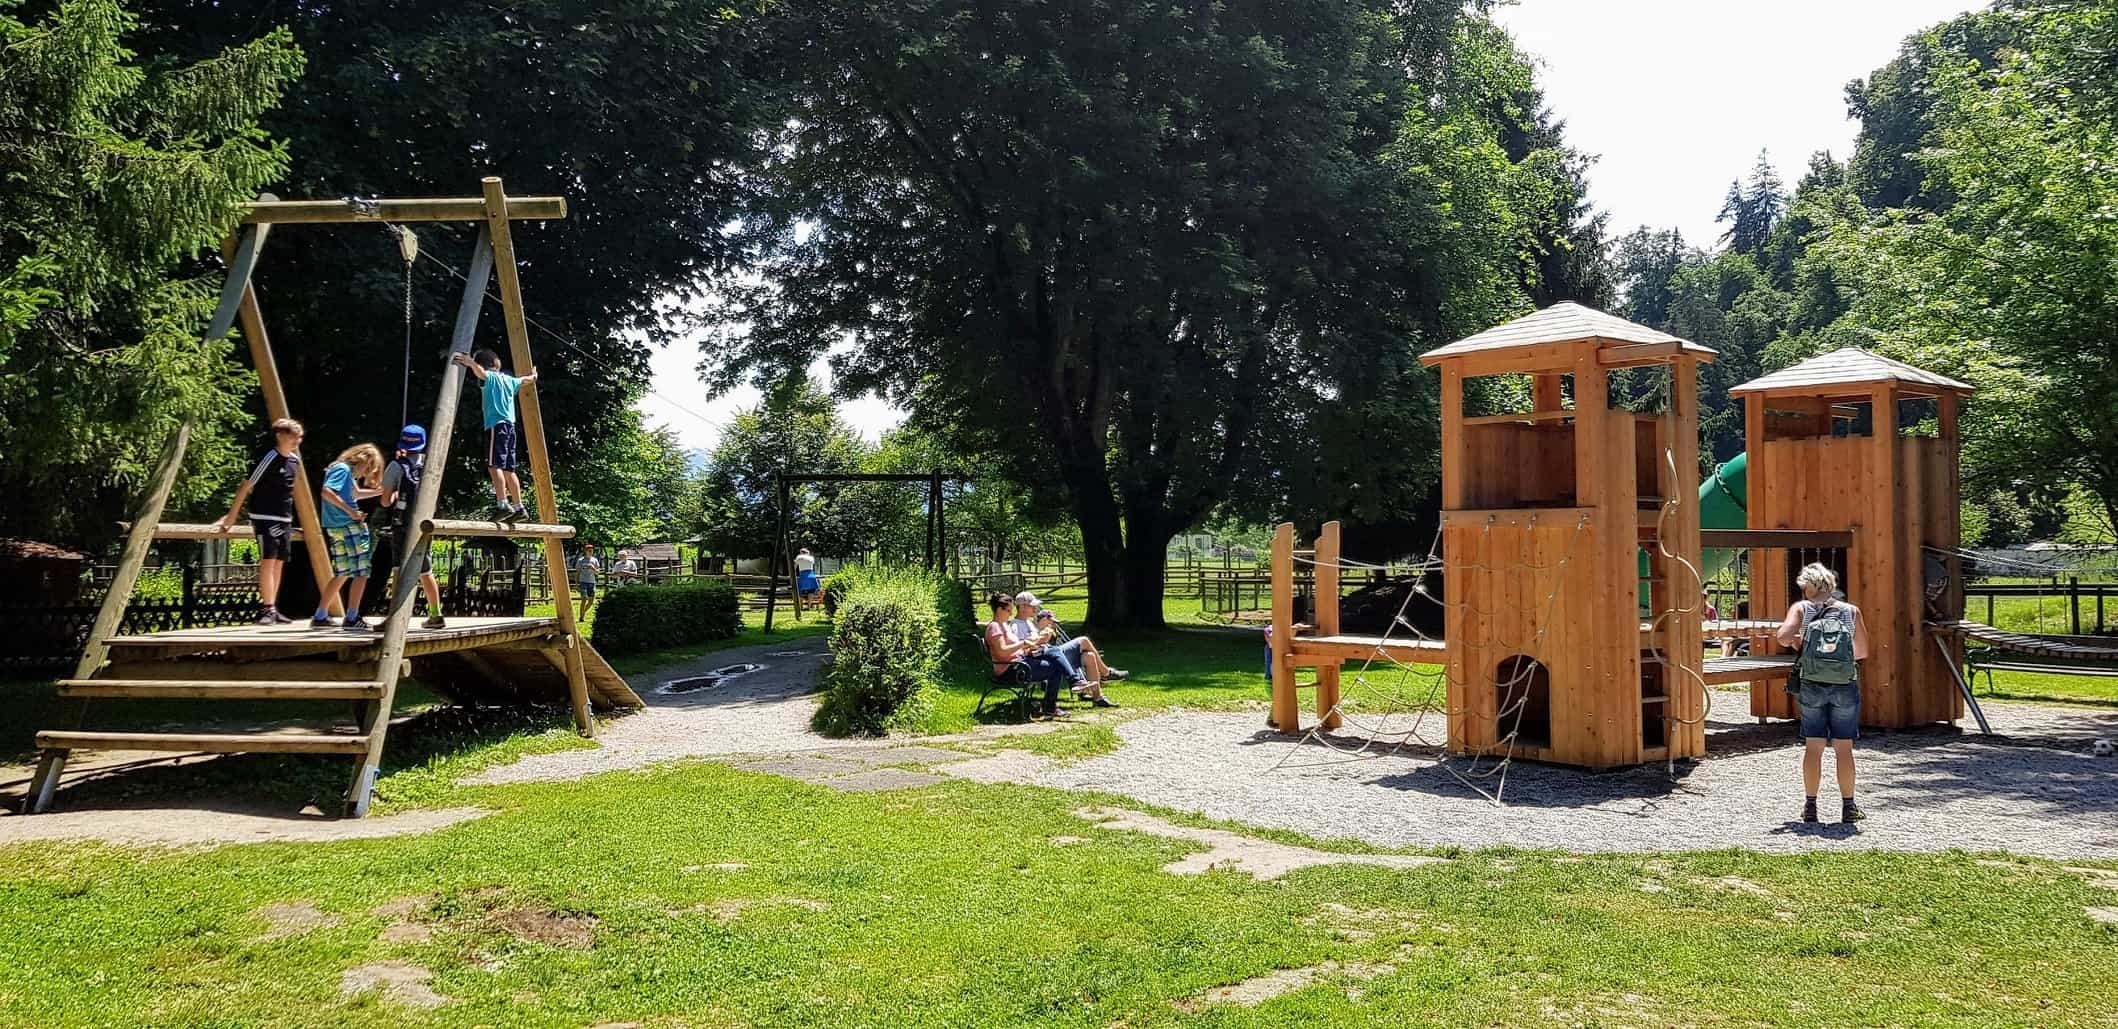 Kinderspielplatz neben Streichelzoo im Tierpark Rosegg in Kärnten - Ausflugsziel für Familien im Freien Nähe Wörthersee